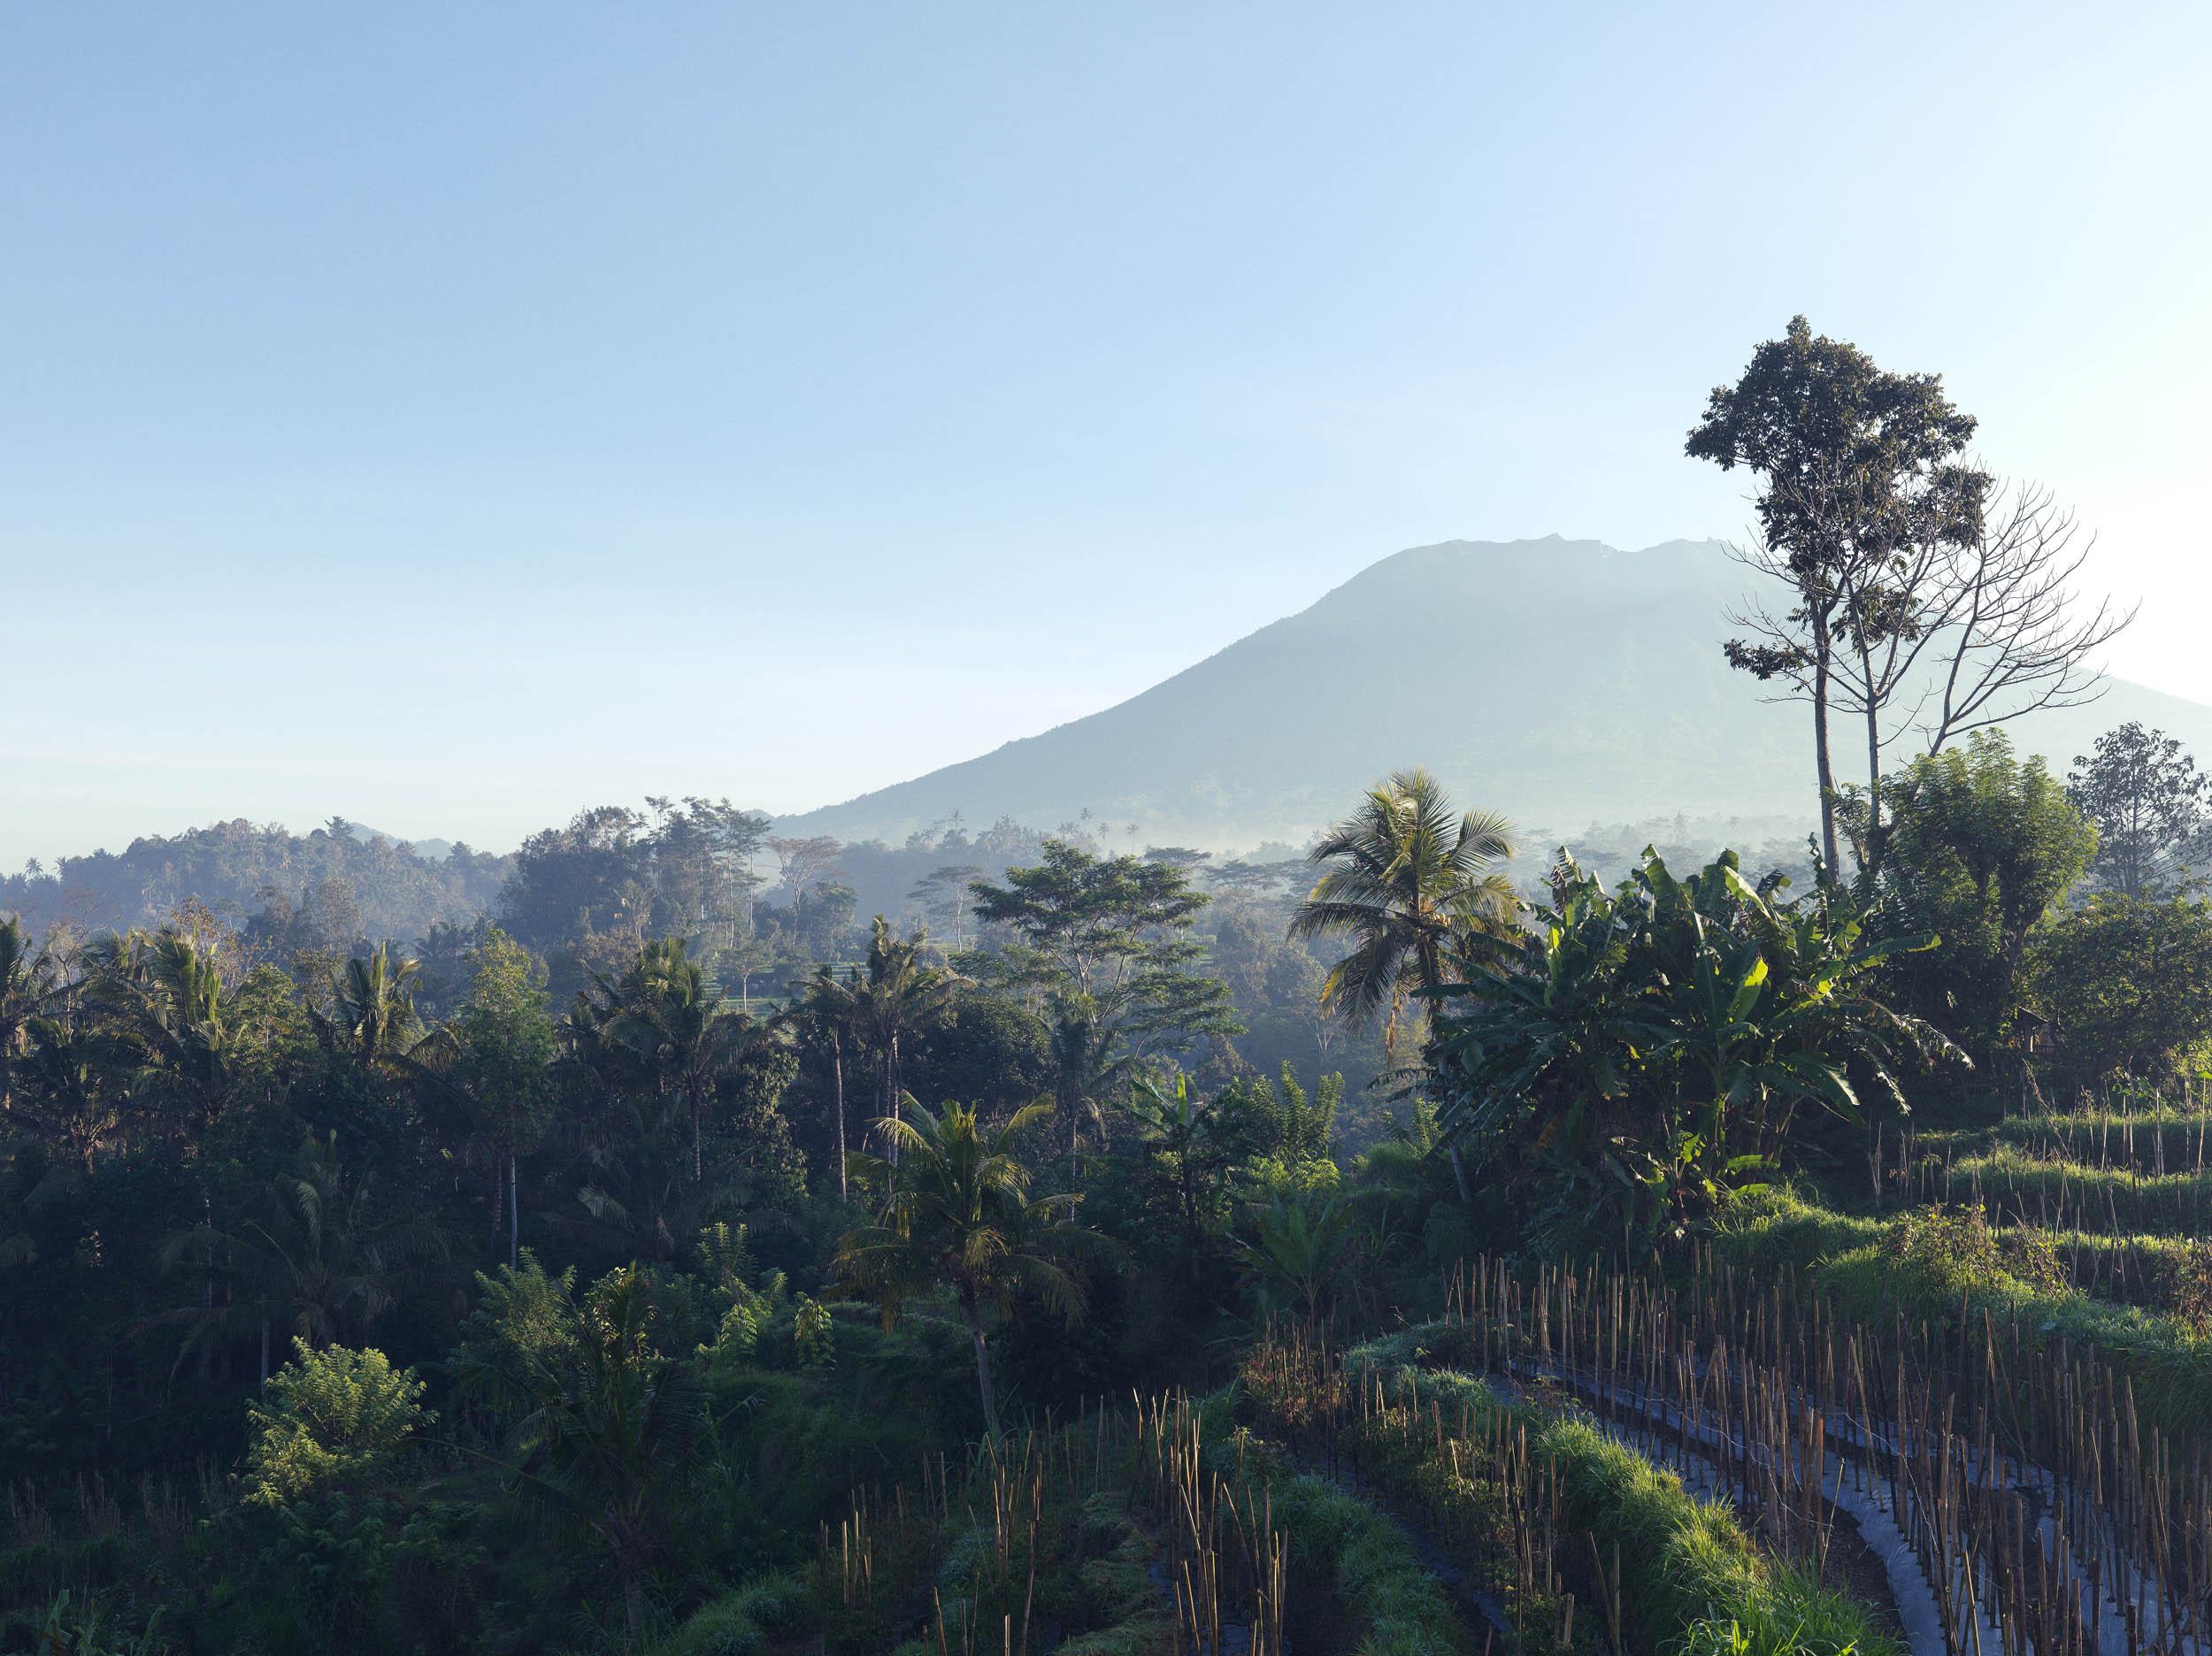 2016 09 04 - Bali_0022.jpg